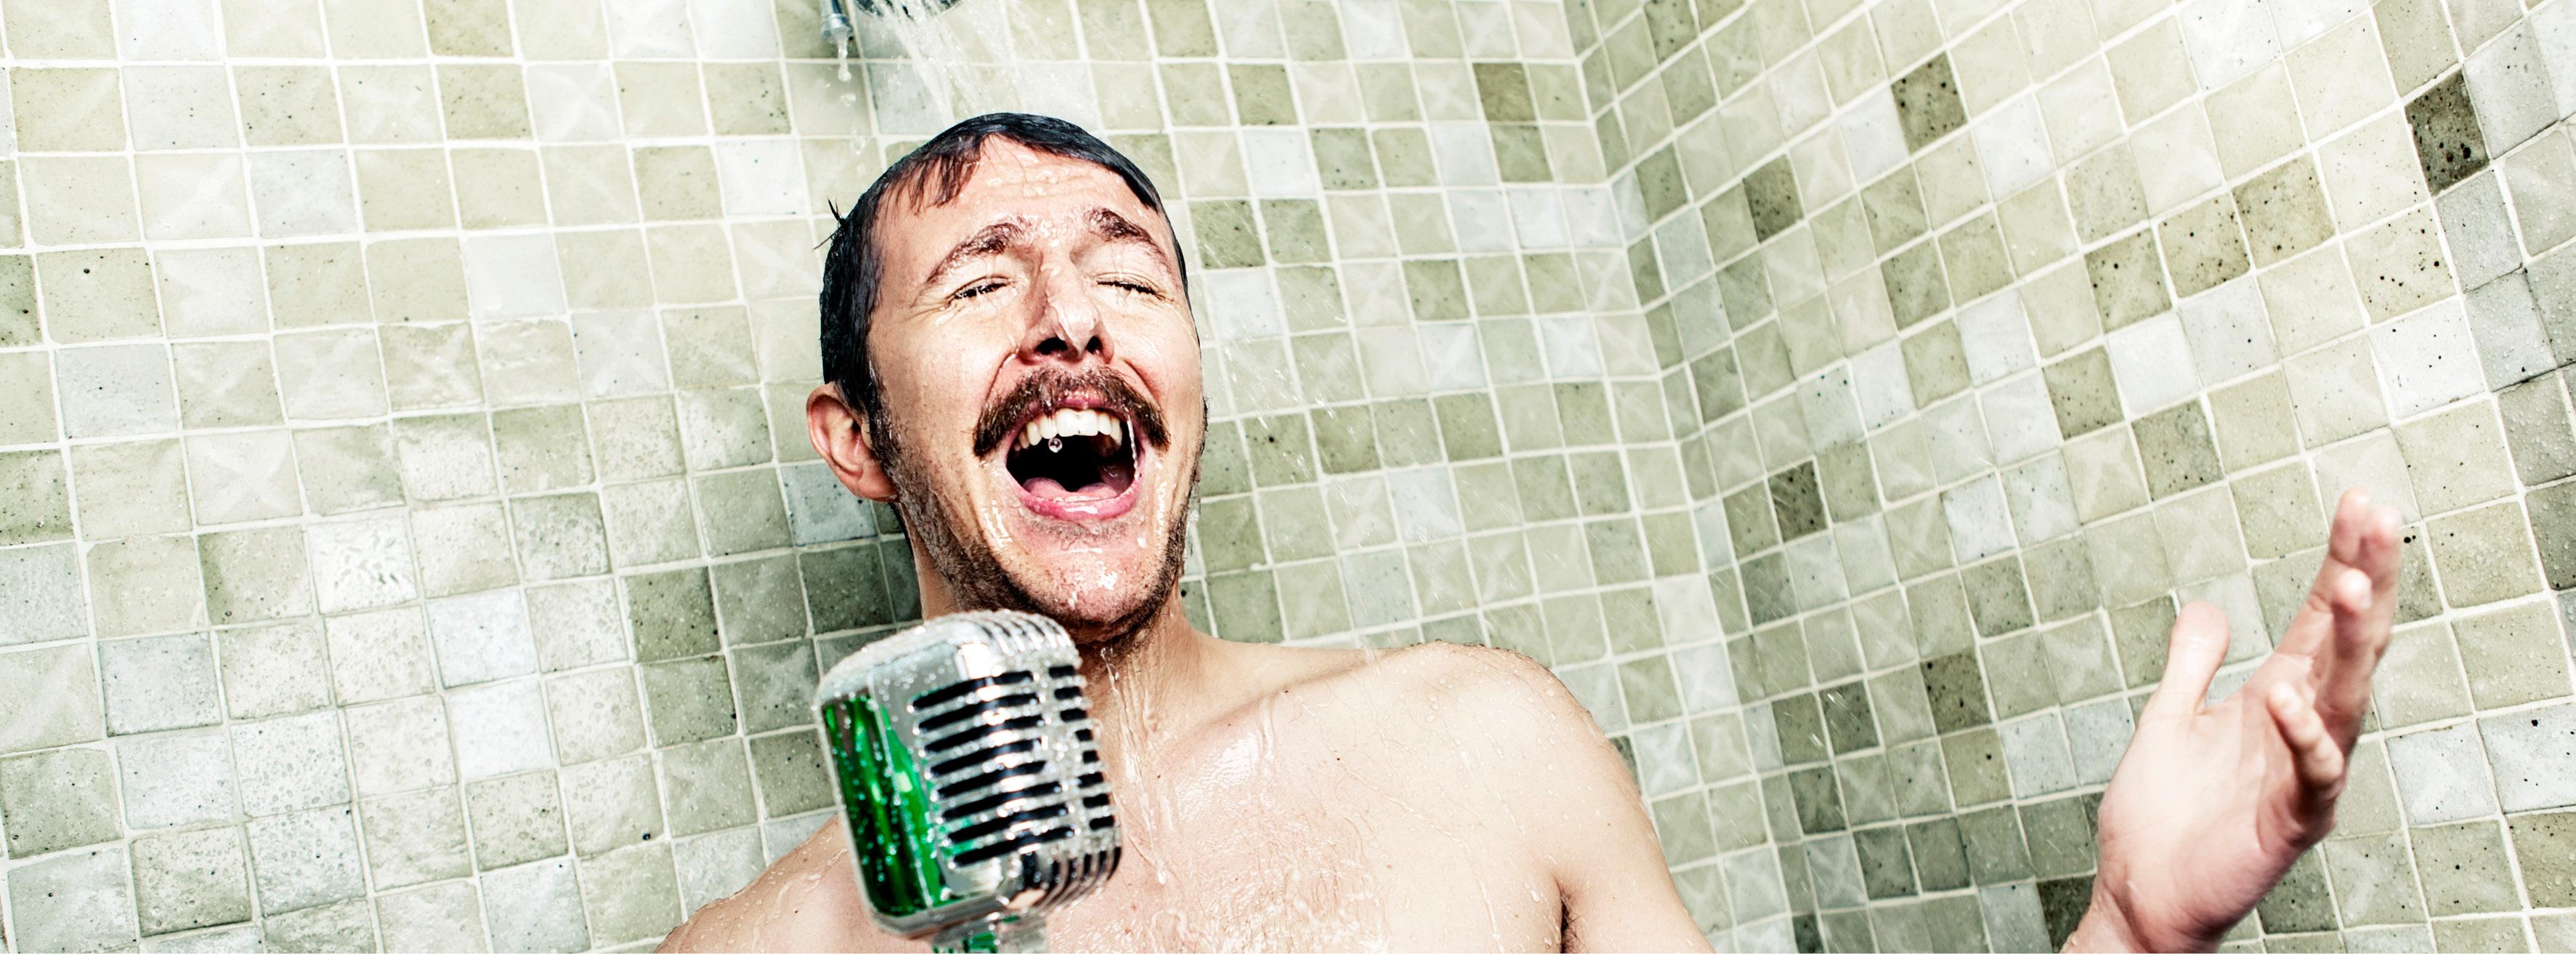 Image result for shower singing